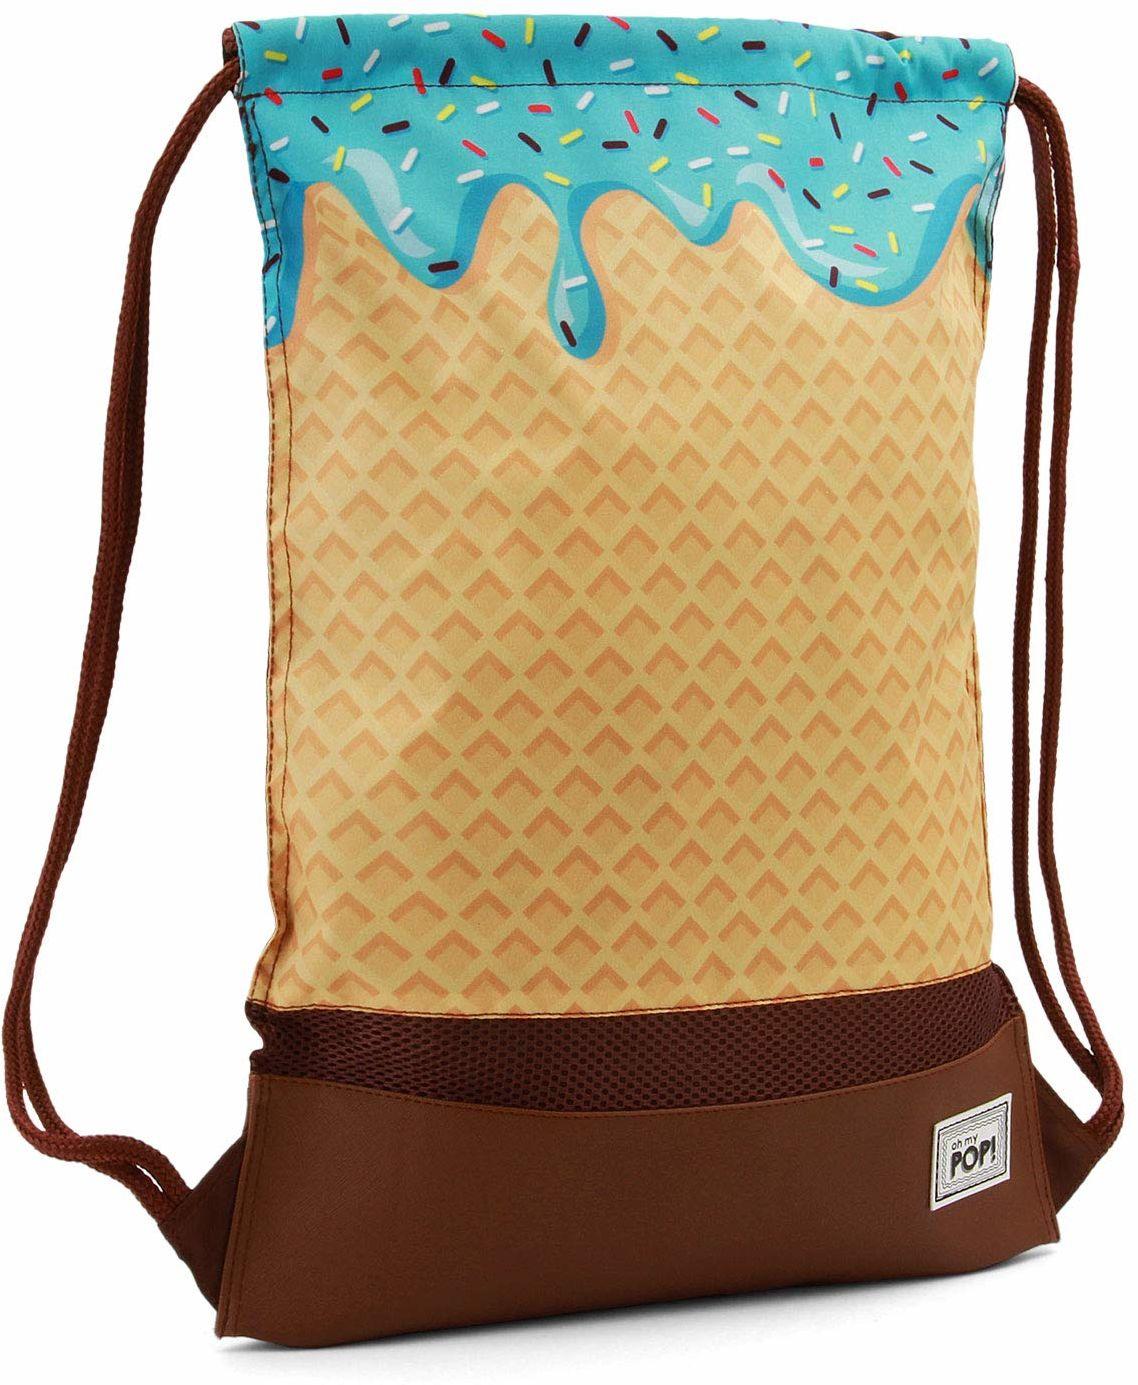 Oh My Pop Pop! Ice Cream-Storm Drawstring Bag worek gimnastyczny, 48 cm, beżowy